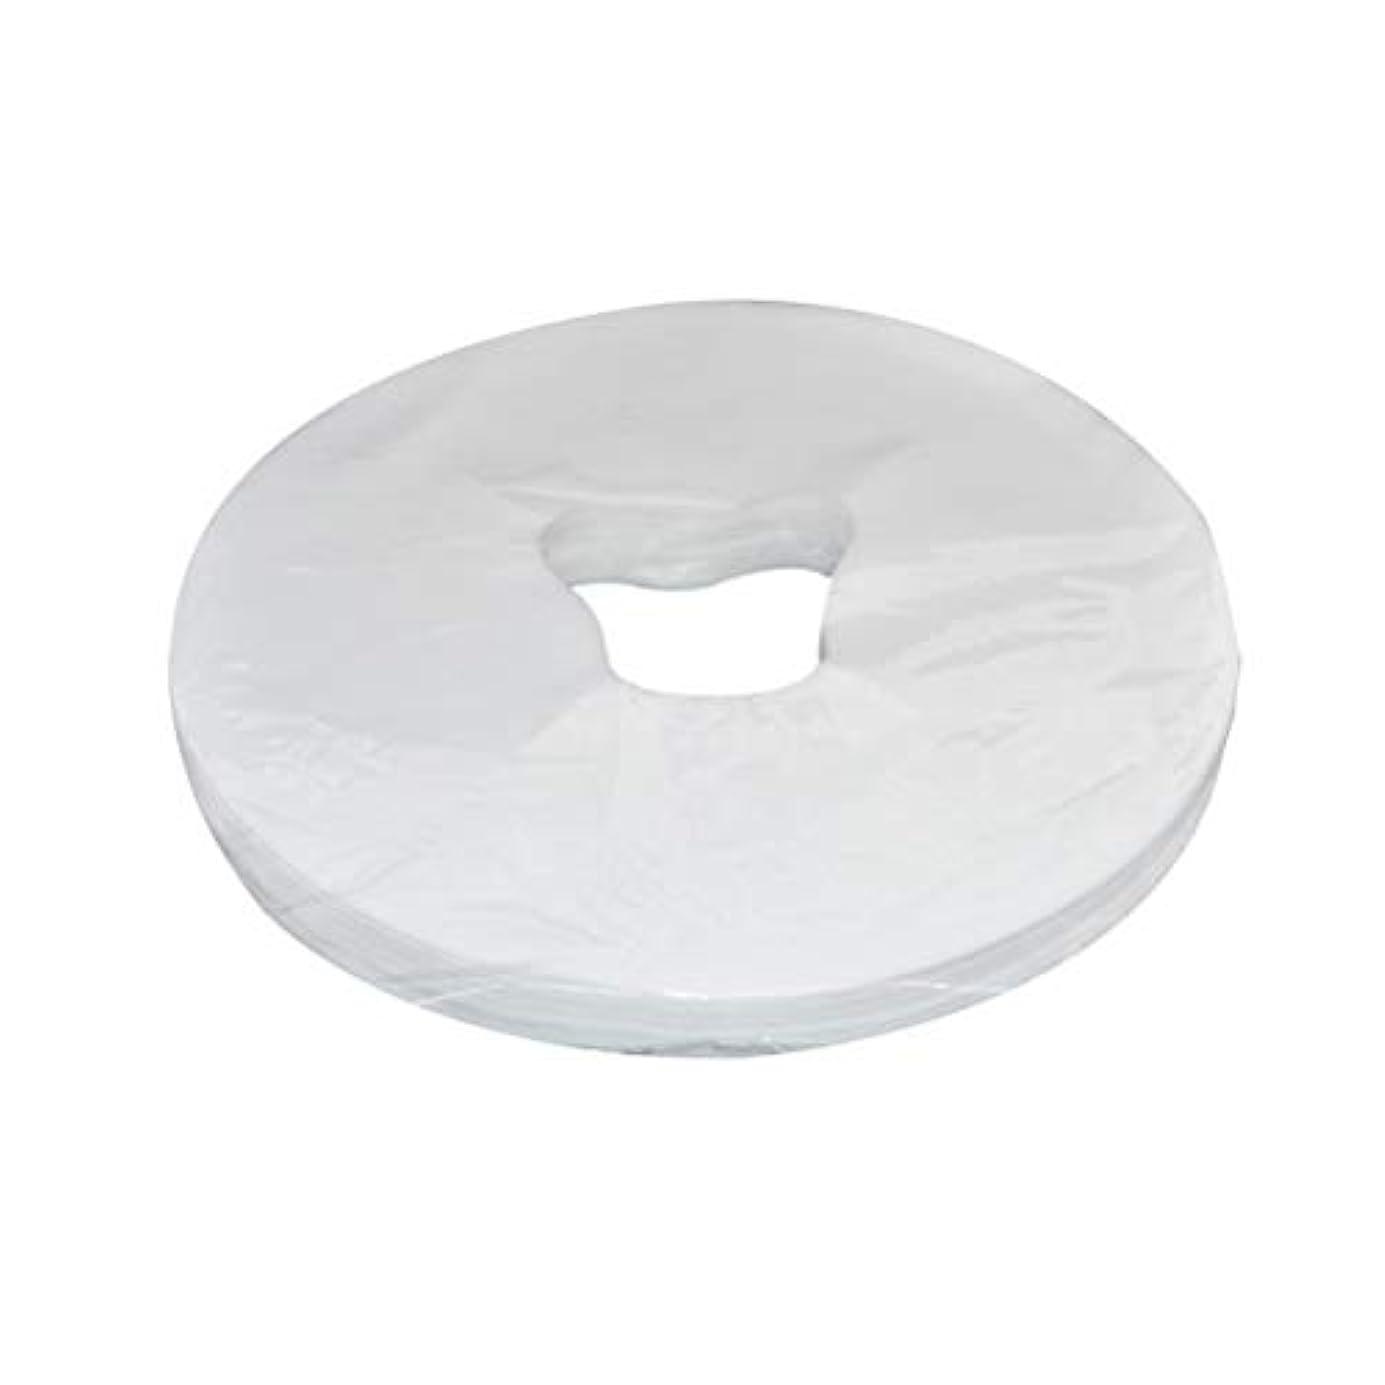 コーナー反対するトランクライブラリHealifty 29x28cm使い捨てフェイスマッサージカバーフェイスホールピローパッド100枚(ホワイト)